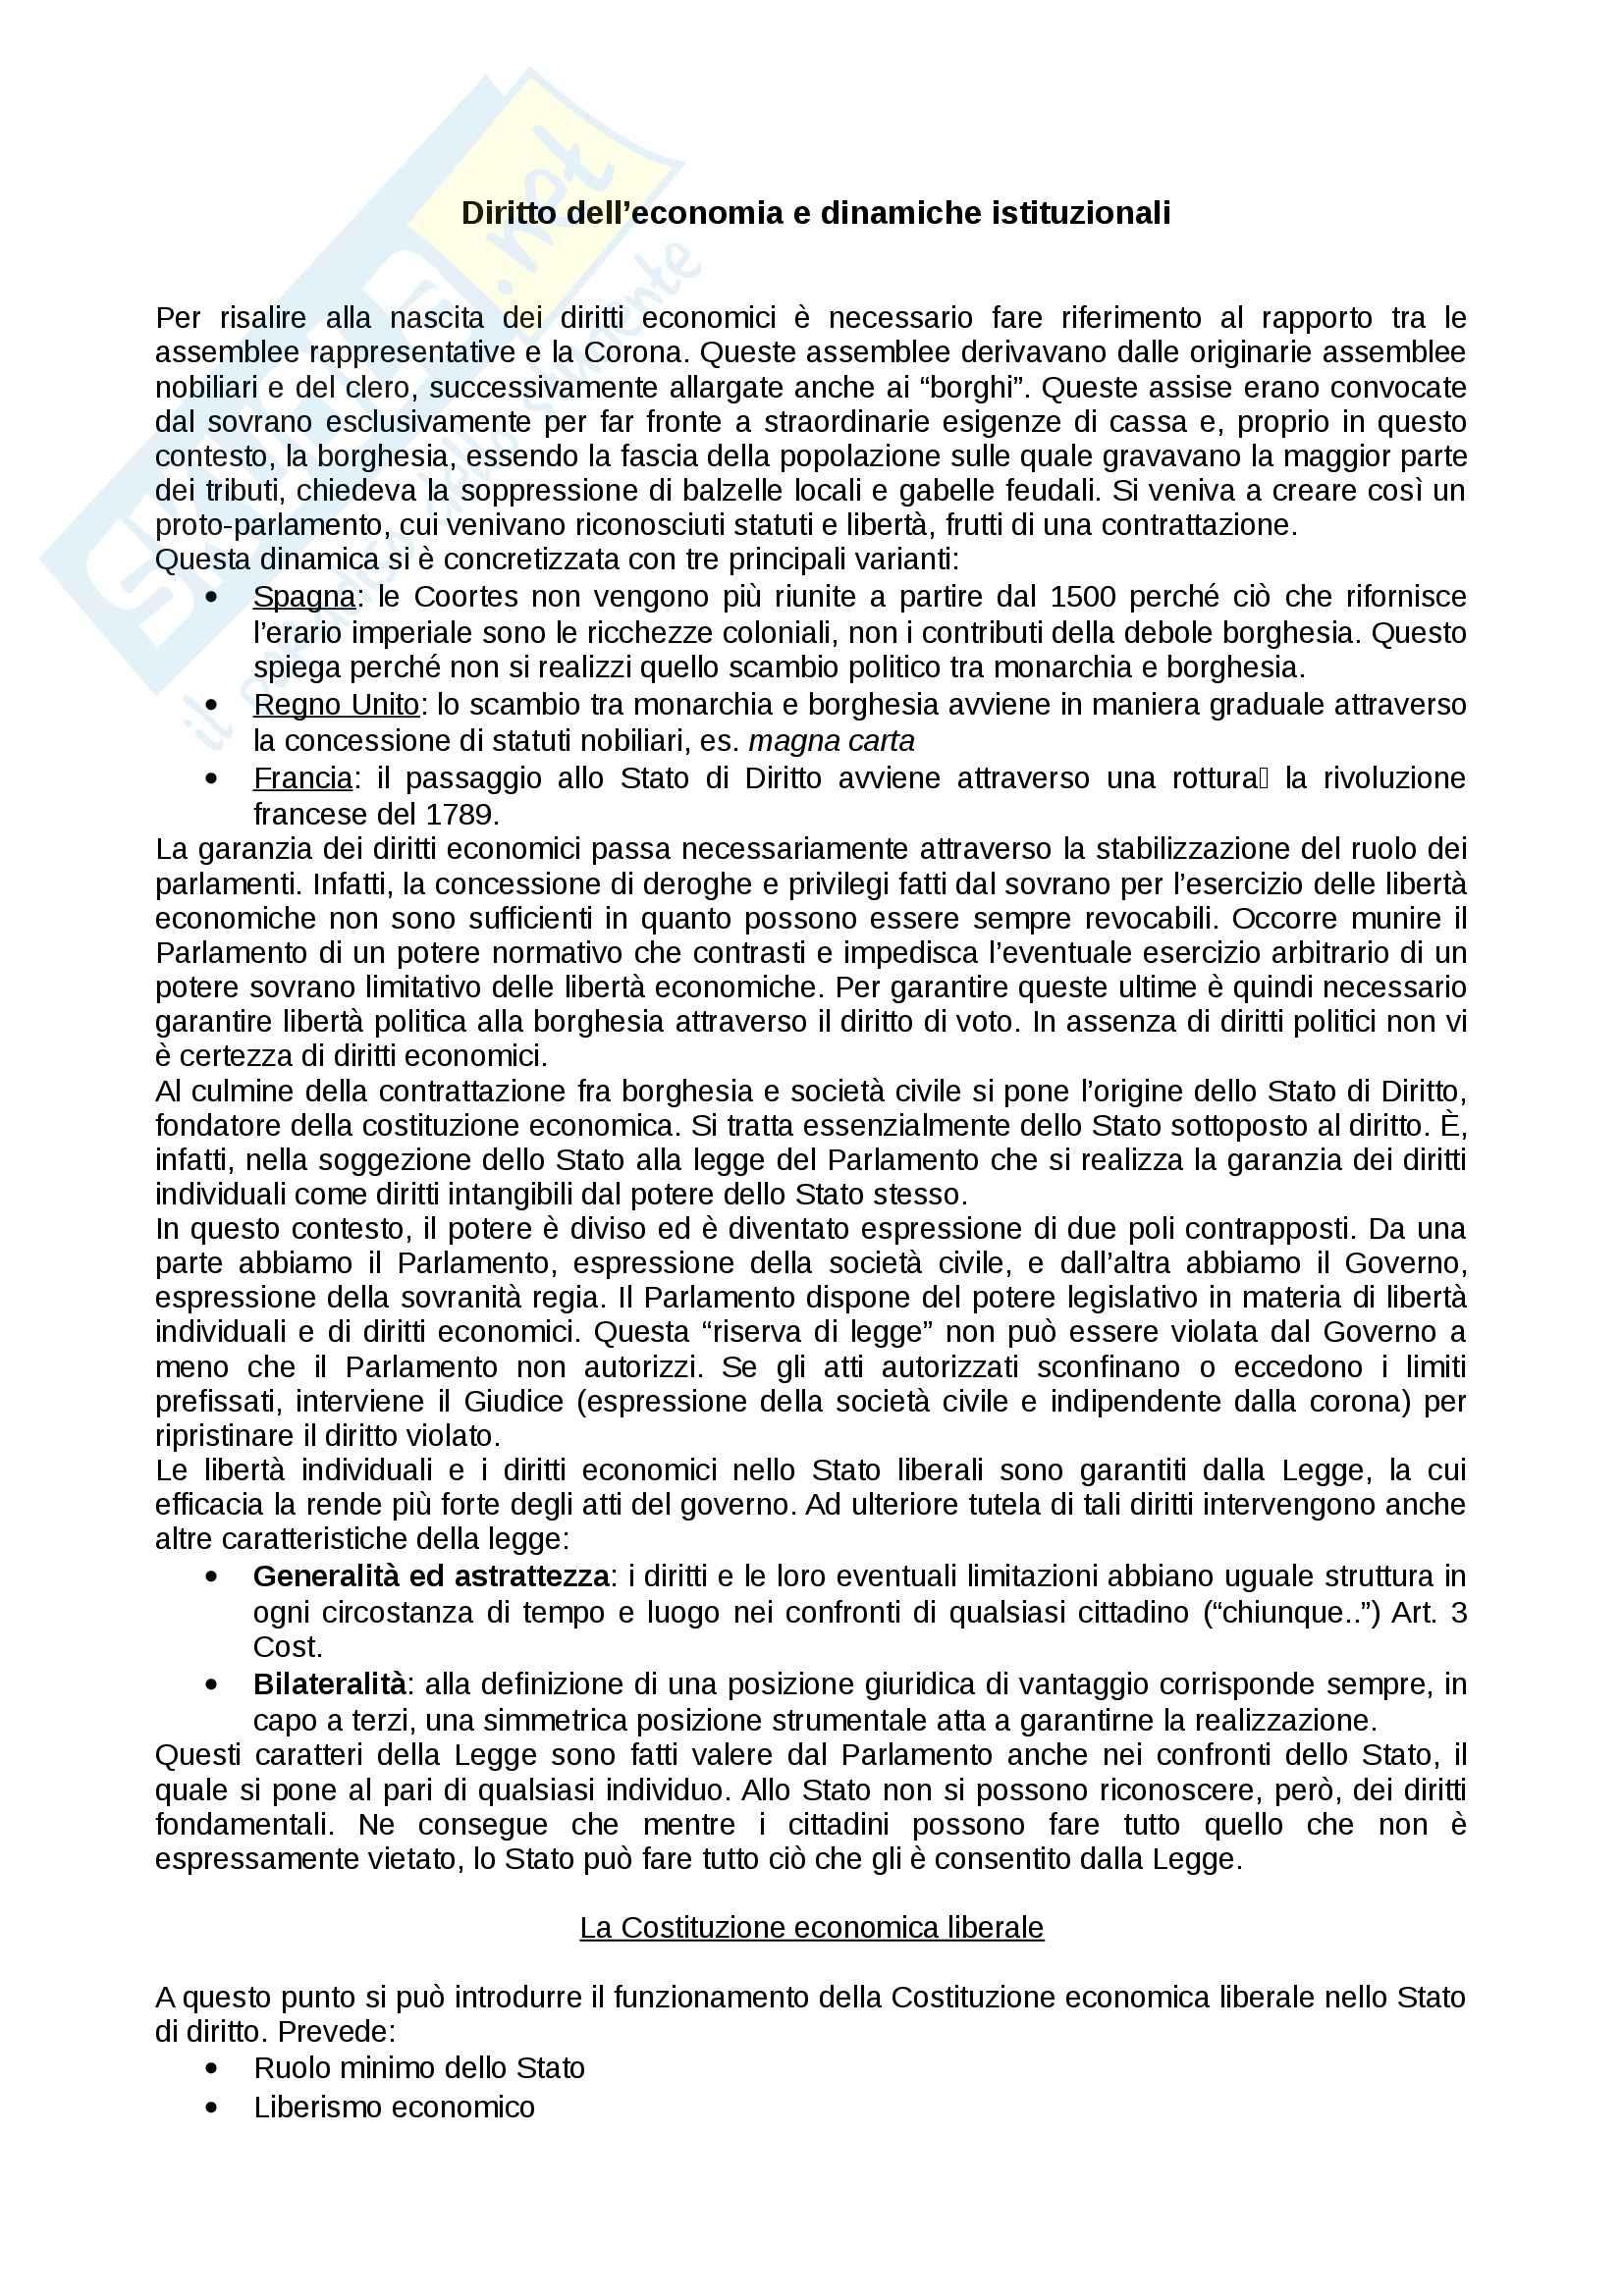 Riassunto esame diritto dell'economia, prof. Alla, libro consigliato Di Gaspare